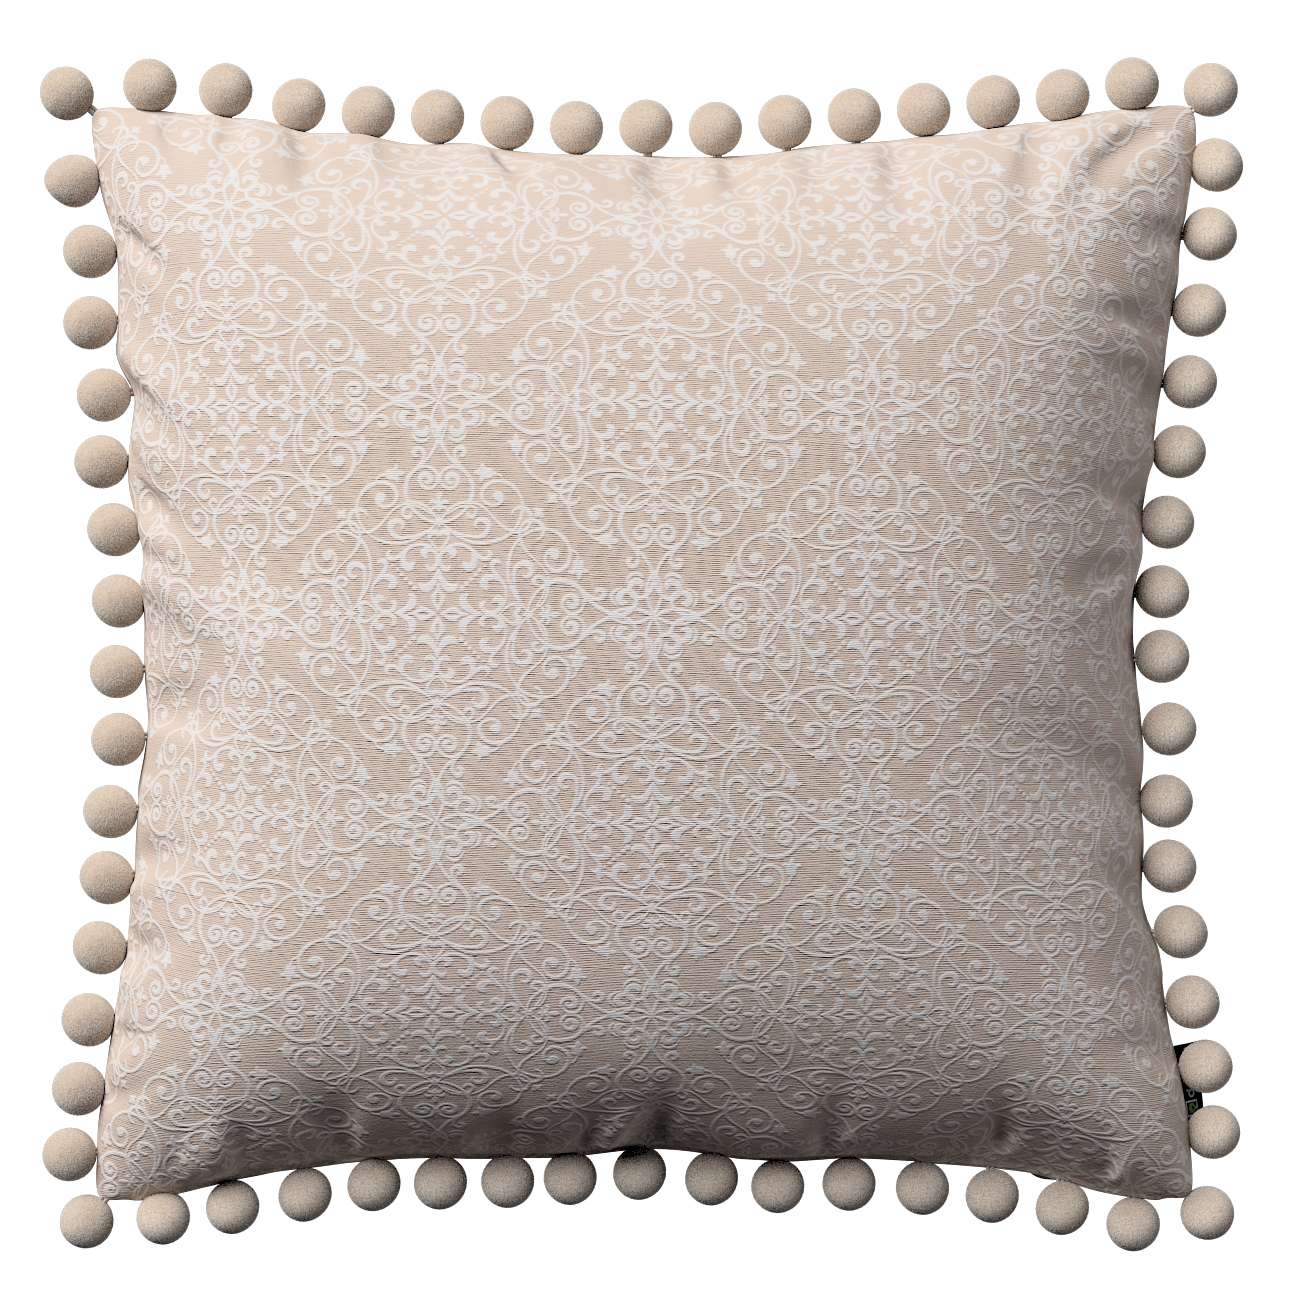 Wera dekoratyvinės pagalvėlės su žaismingais kraštais 45 x 45 cm kolekcijoje Flowers, audinys: 140-39